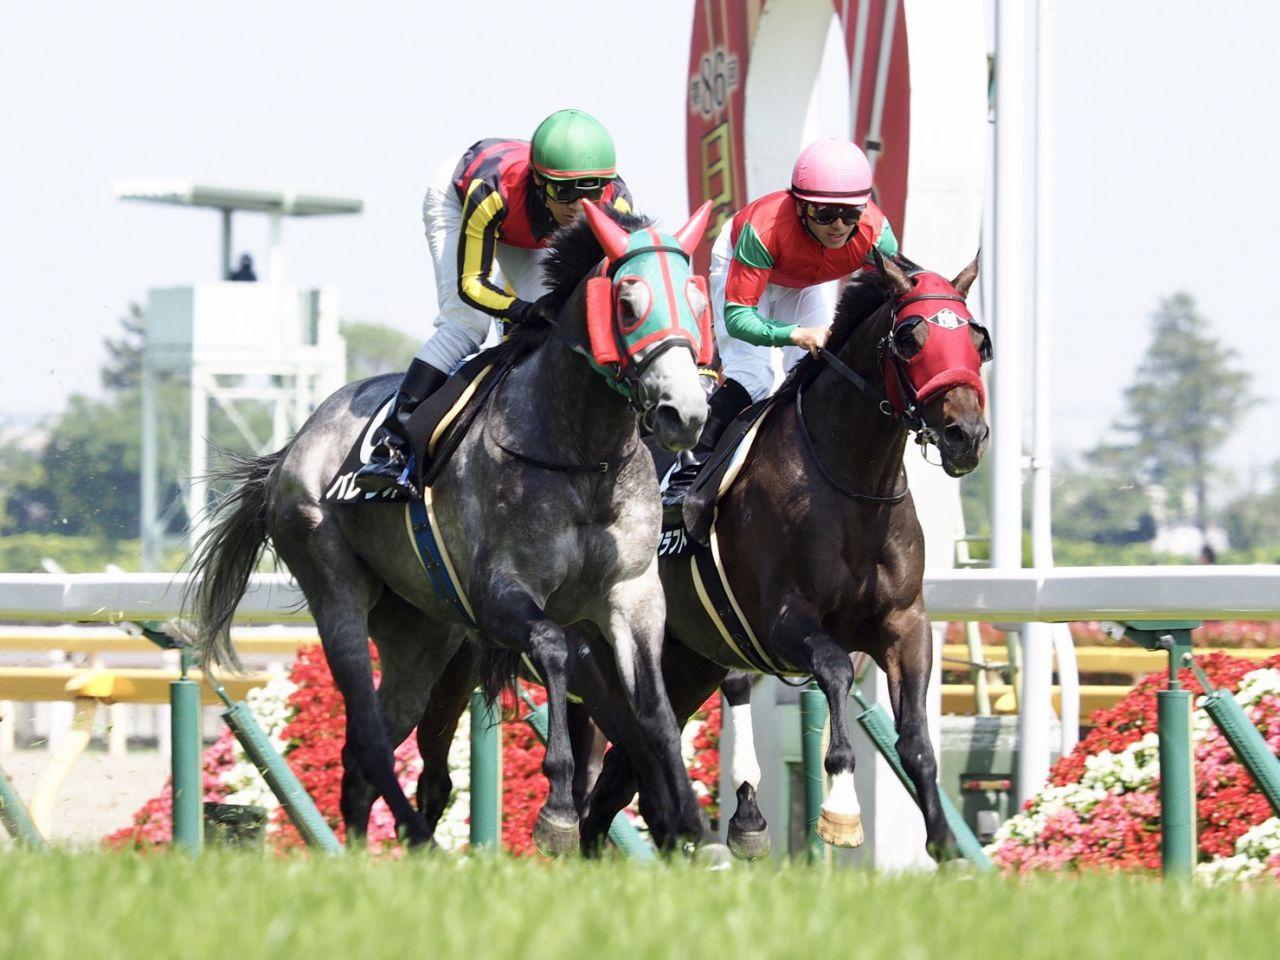 【日本ダービー】令和初のダービーはロジャーバローズが勝利!